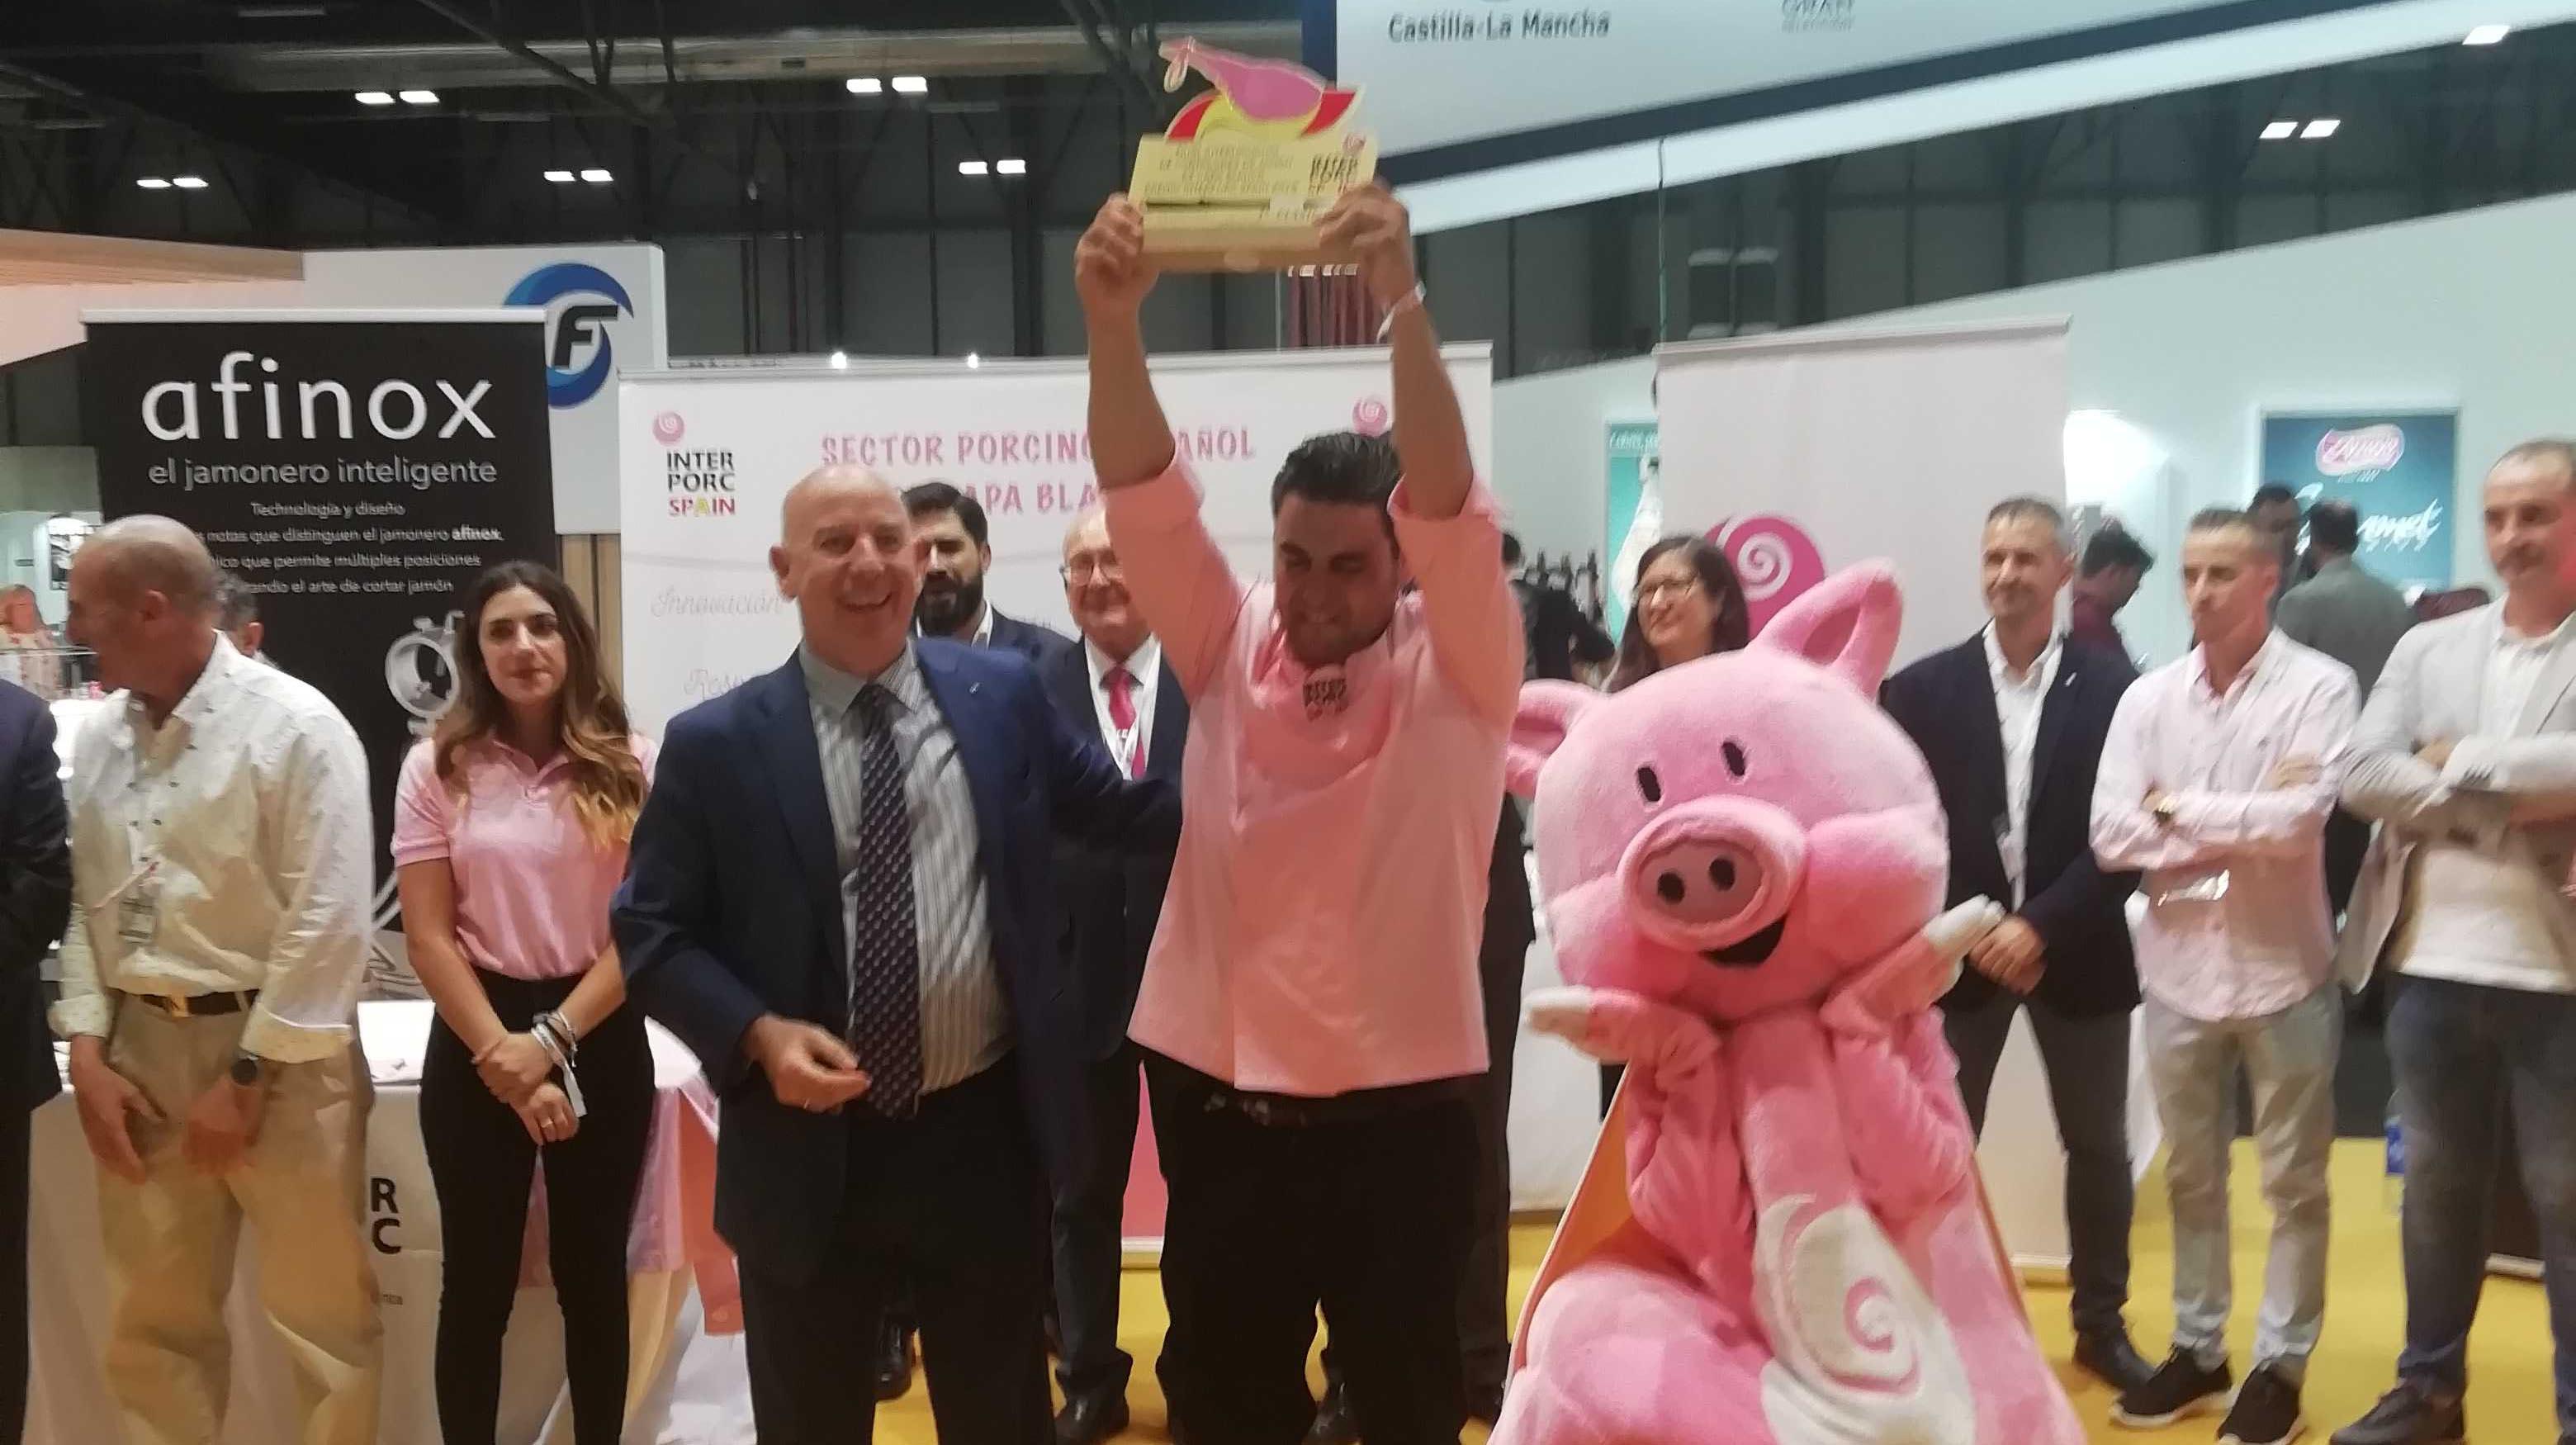 II Final Concurso Internacional de cortadores INTERPORC